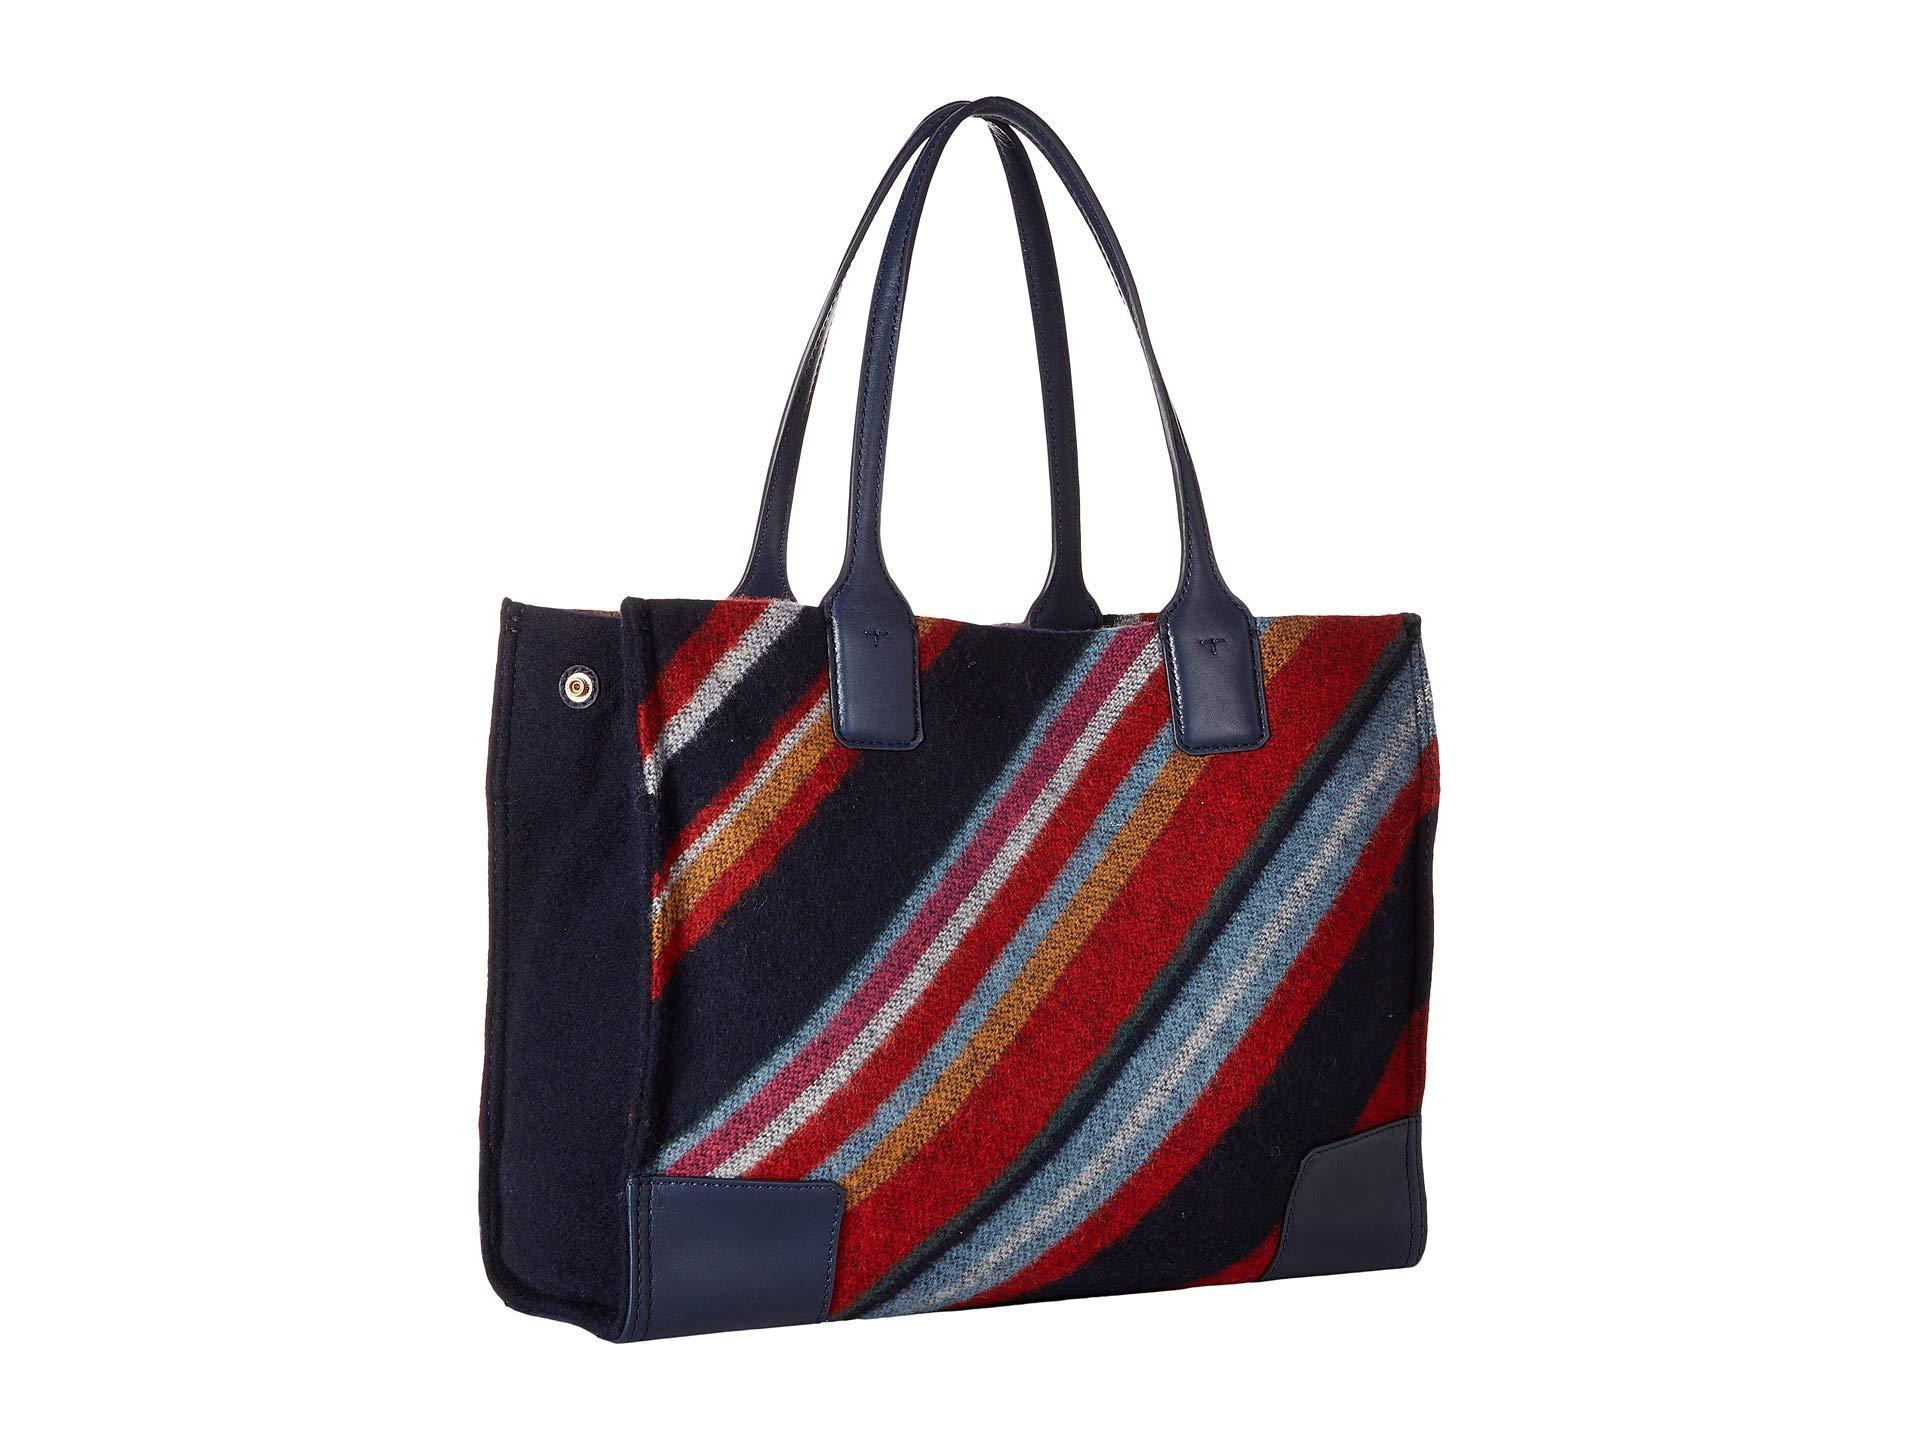 6218a6cbfea Lyst - Tory Burch Ella Fabric Stripe Mini Tote in Blue - Save 50%